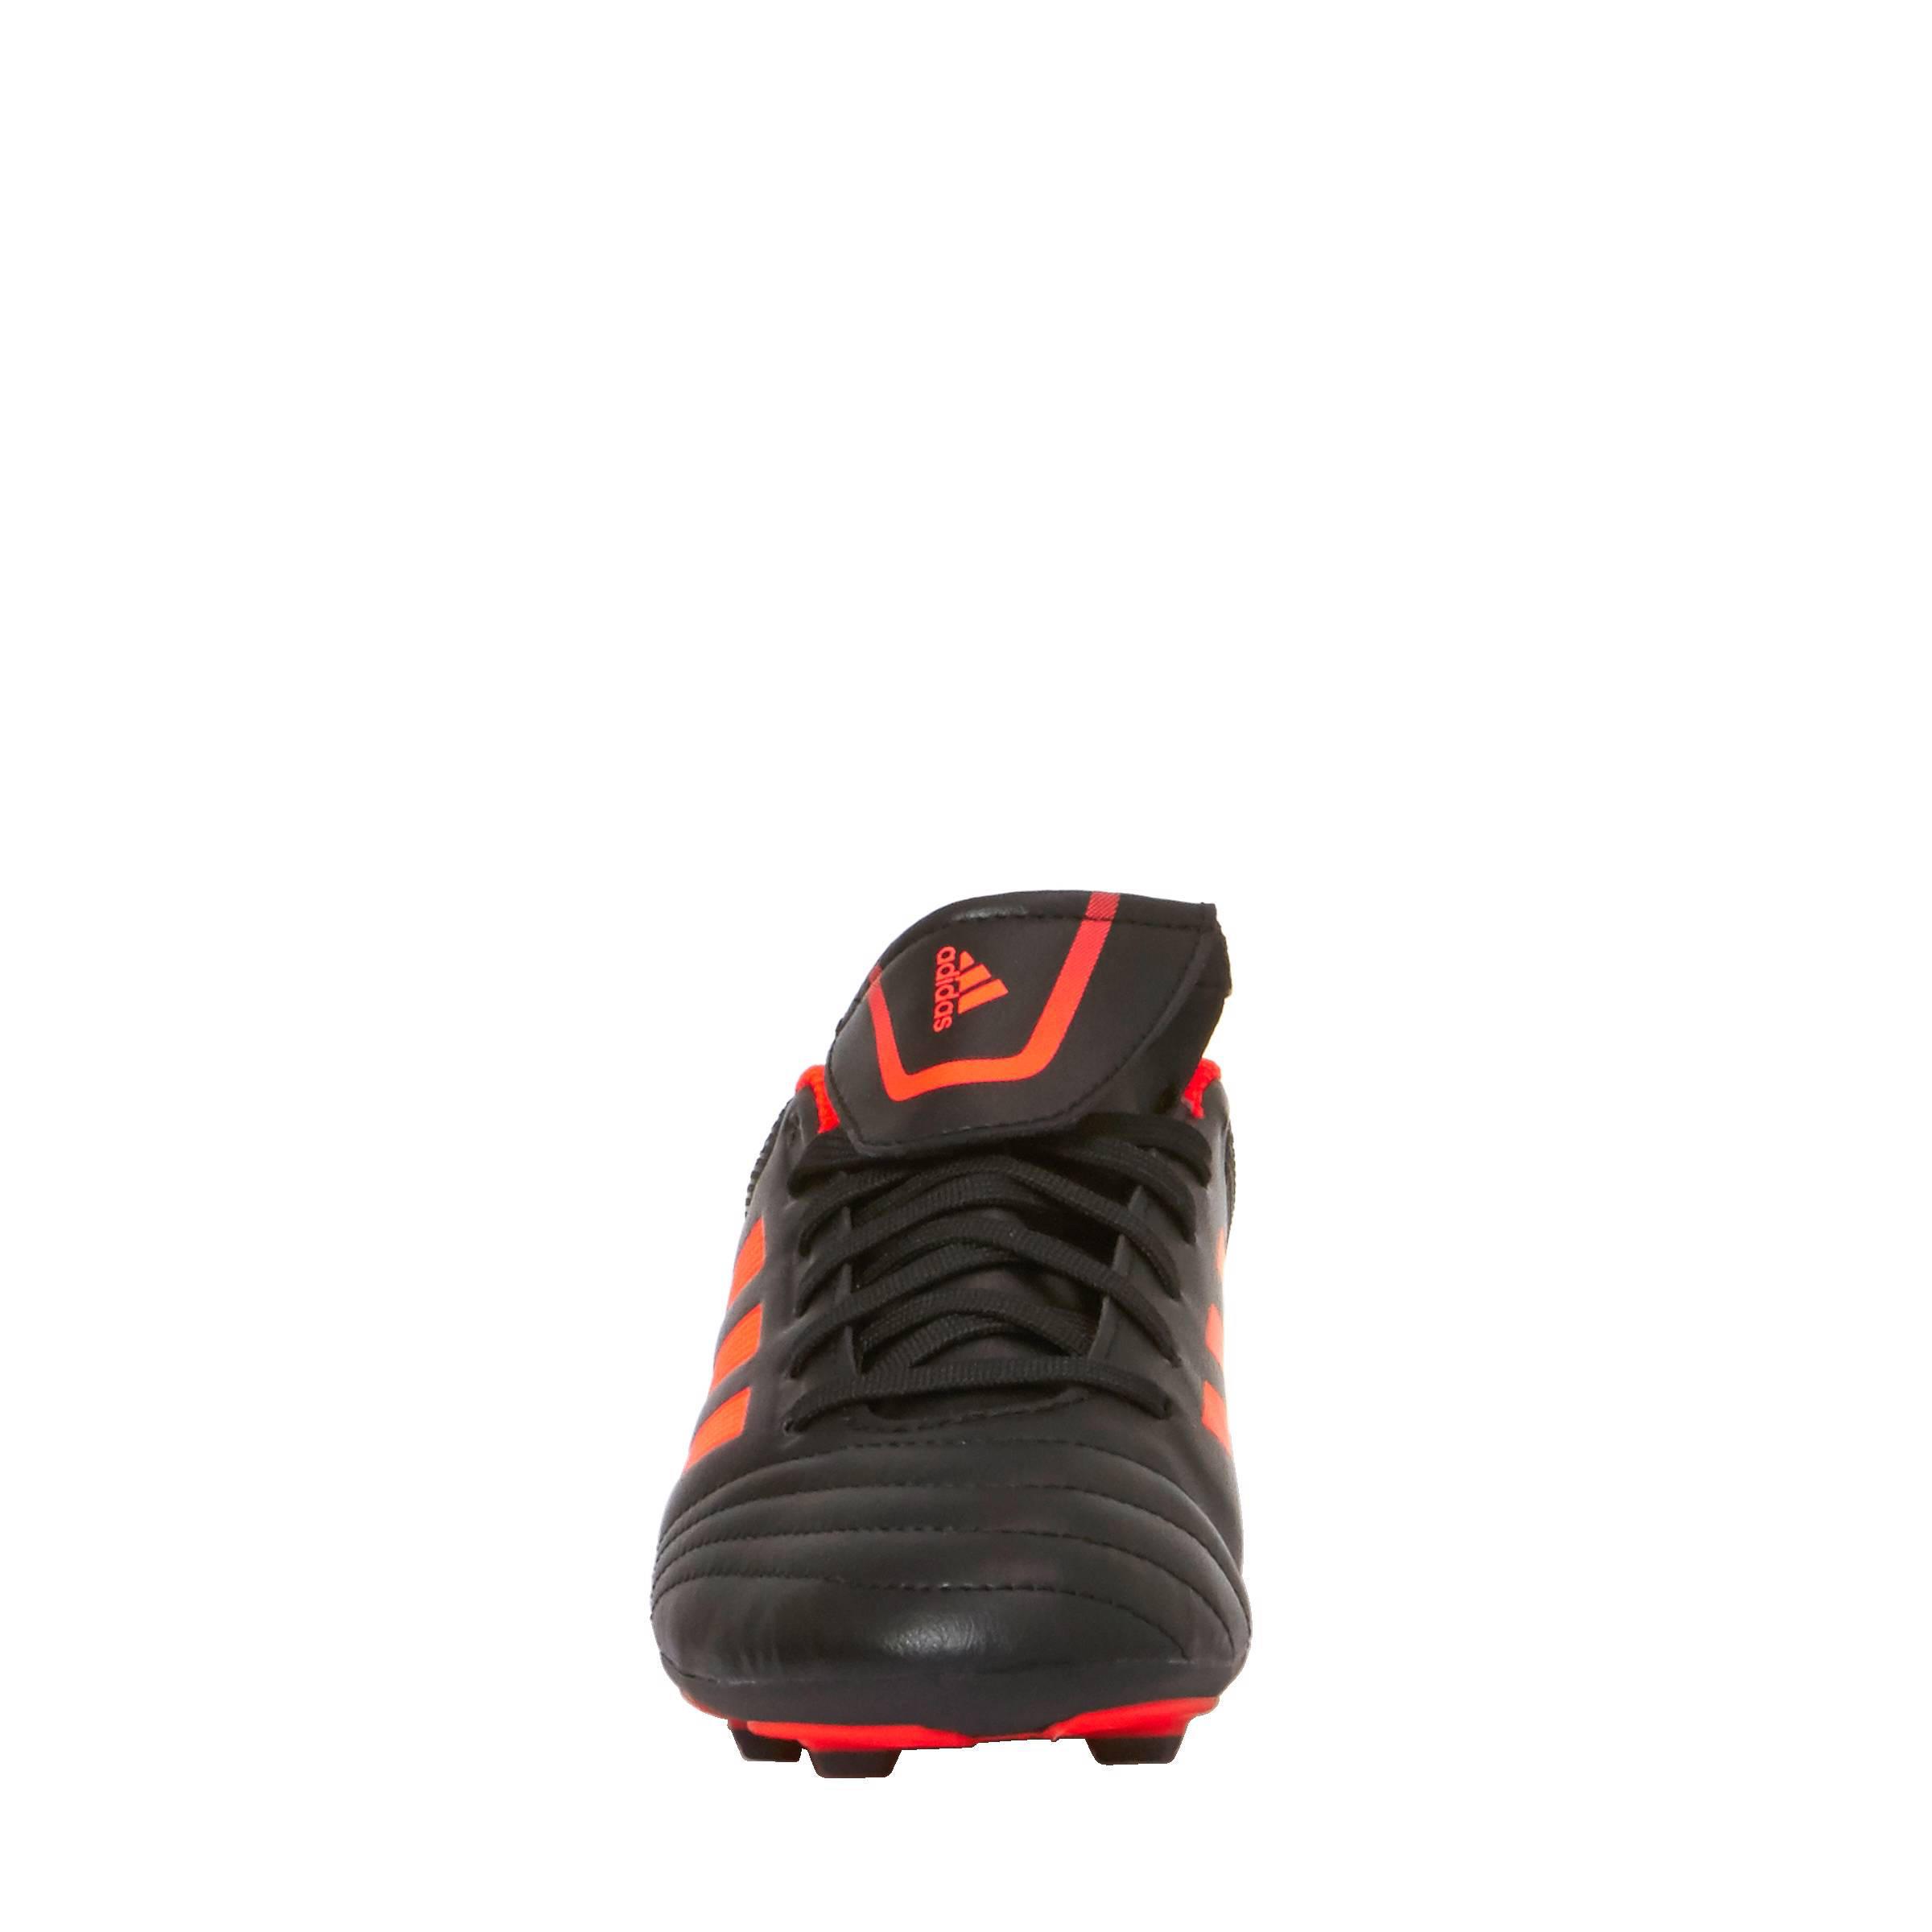 maattabel adidas voetbalschoenen kind